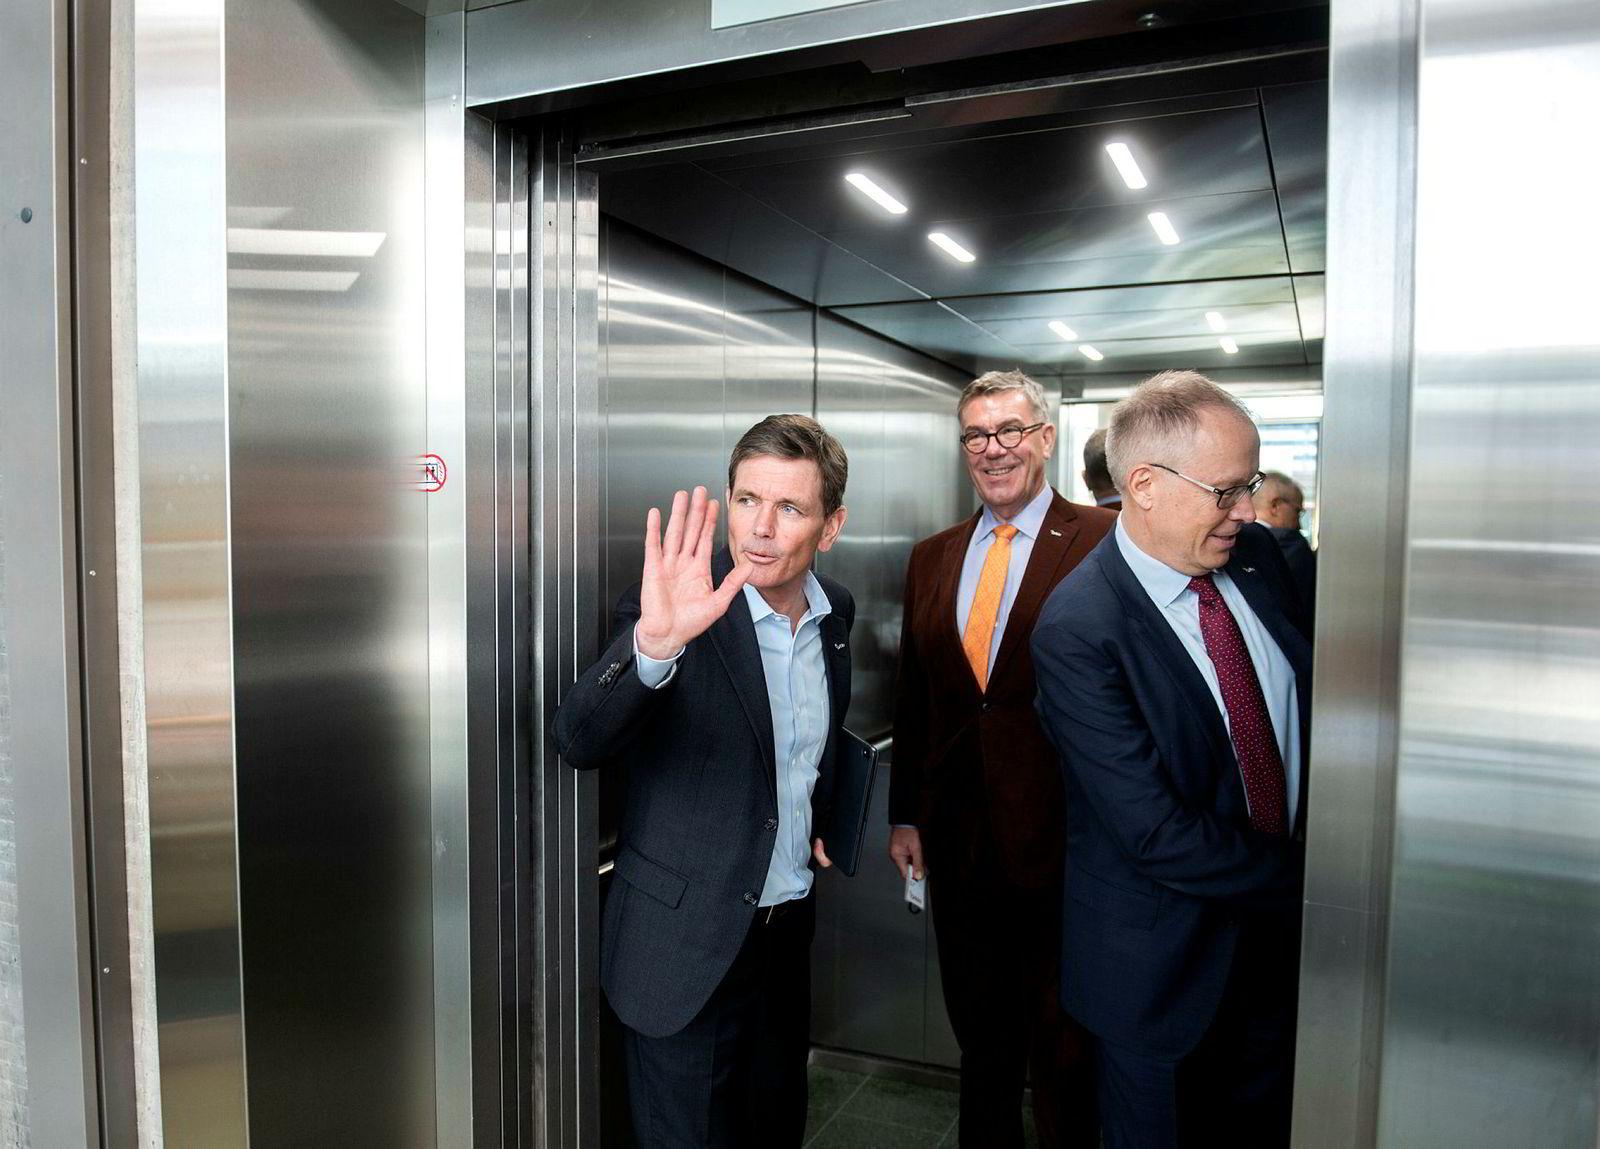 Orklas hovedeier og styreleder Stein Erik Hagen vil ha en norsk konsernsjef etter Peter A. Ruzicka som vinker adjø til Orkla etter fem år som konsernsjef.